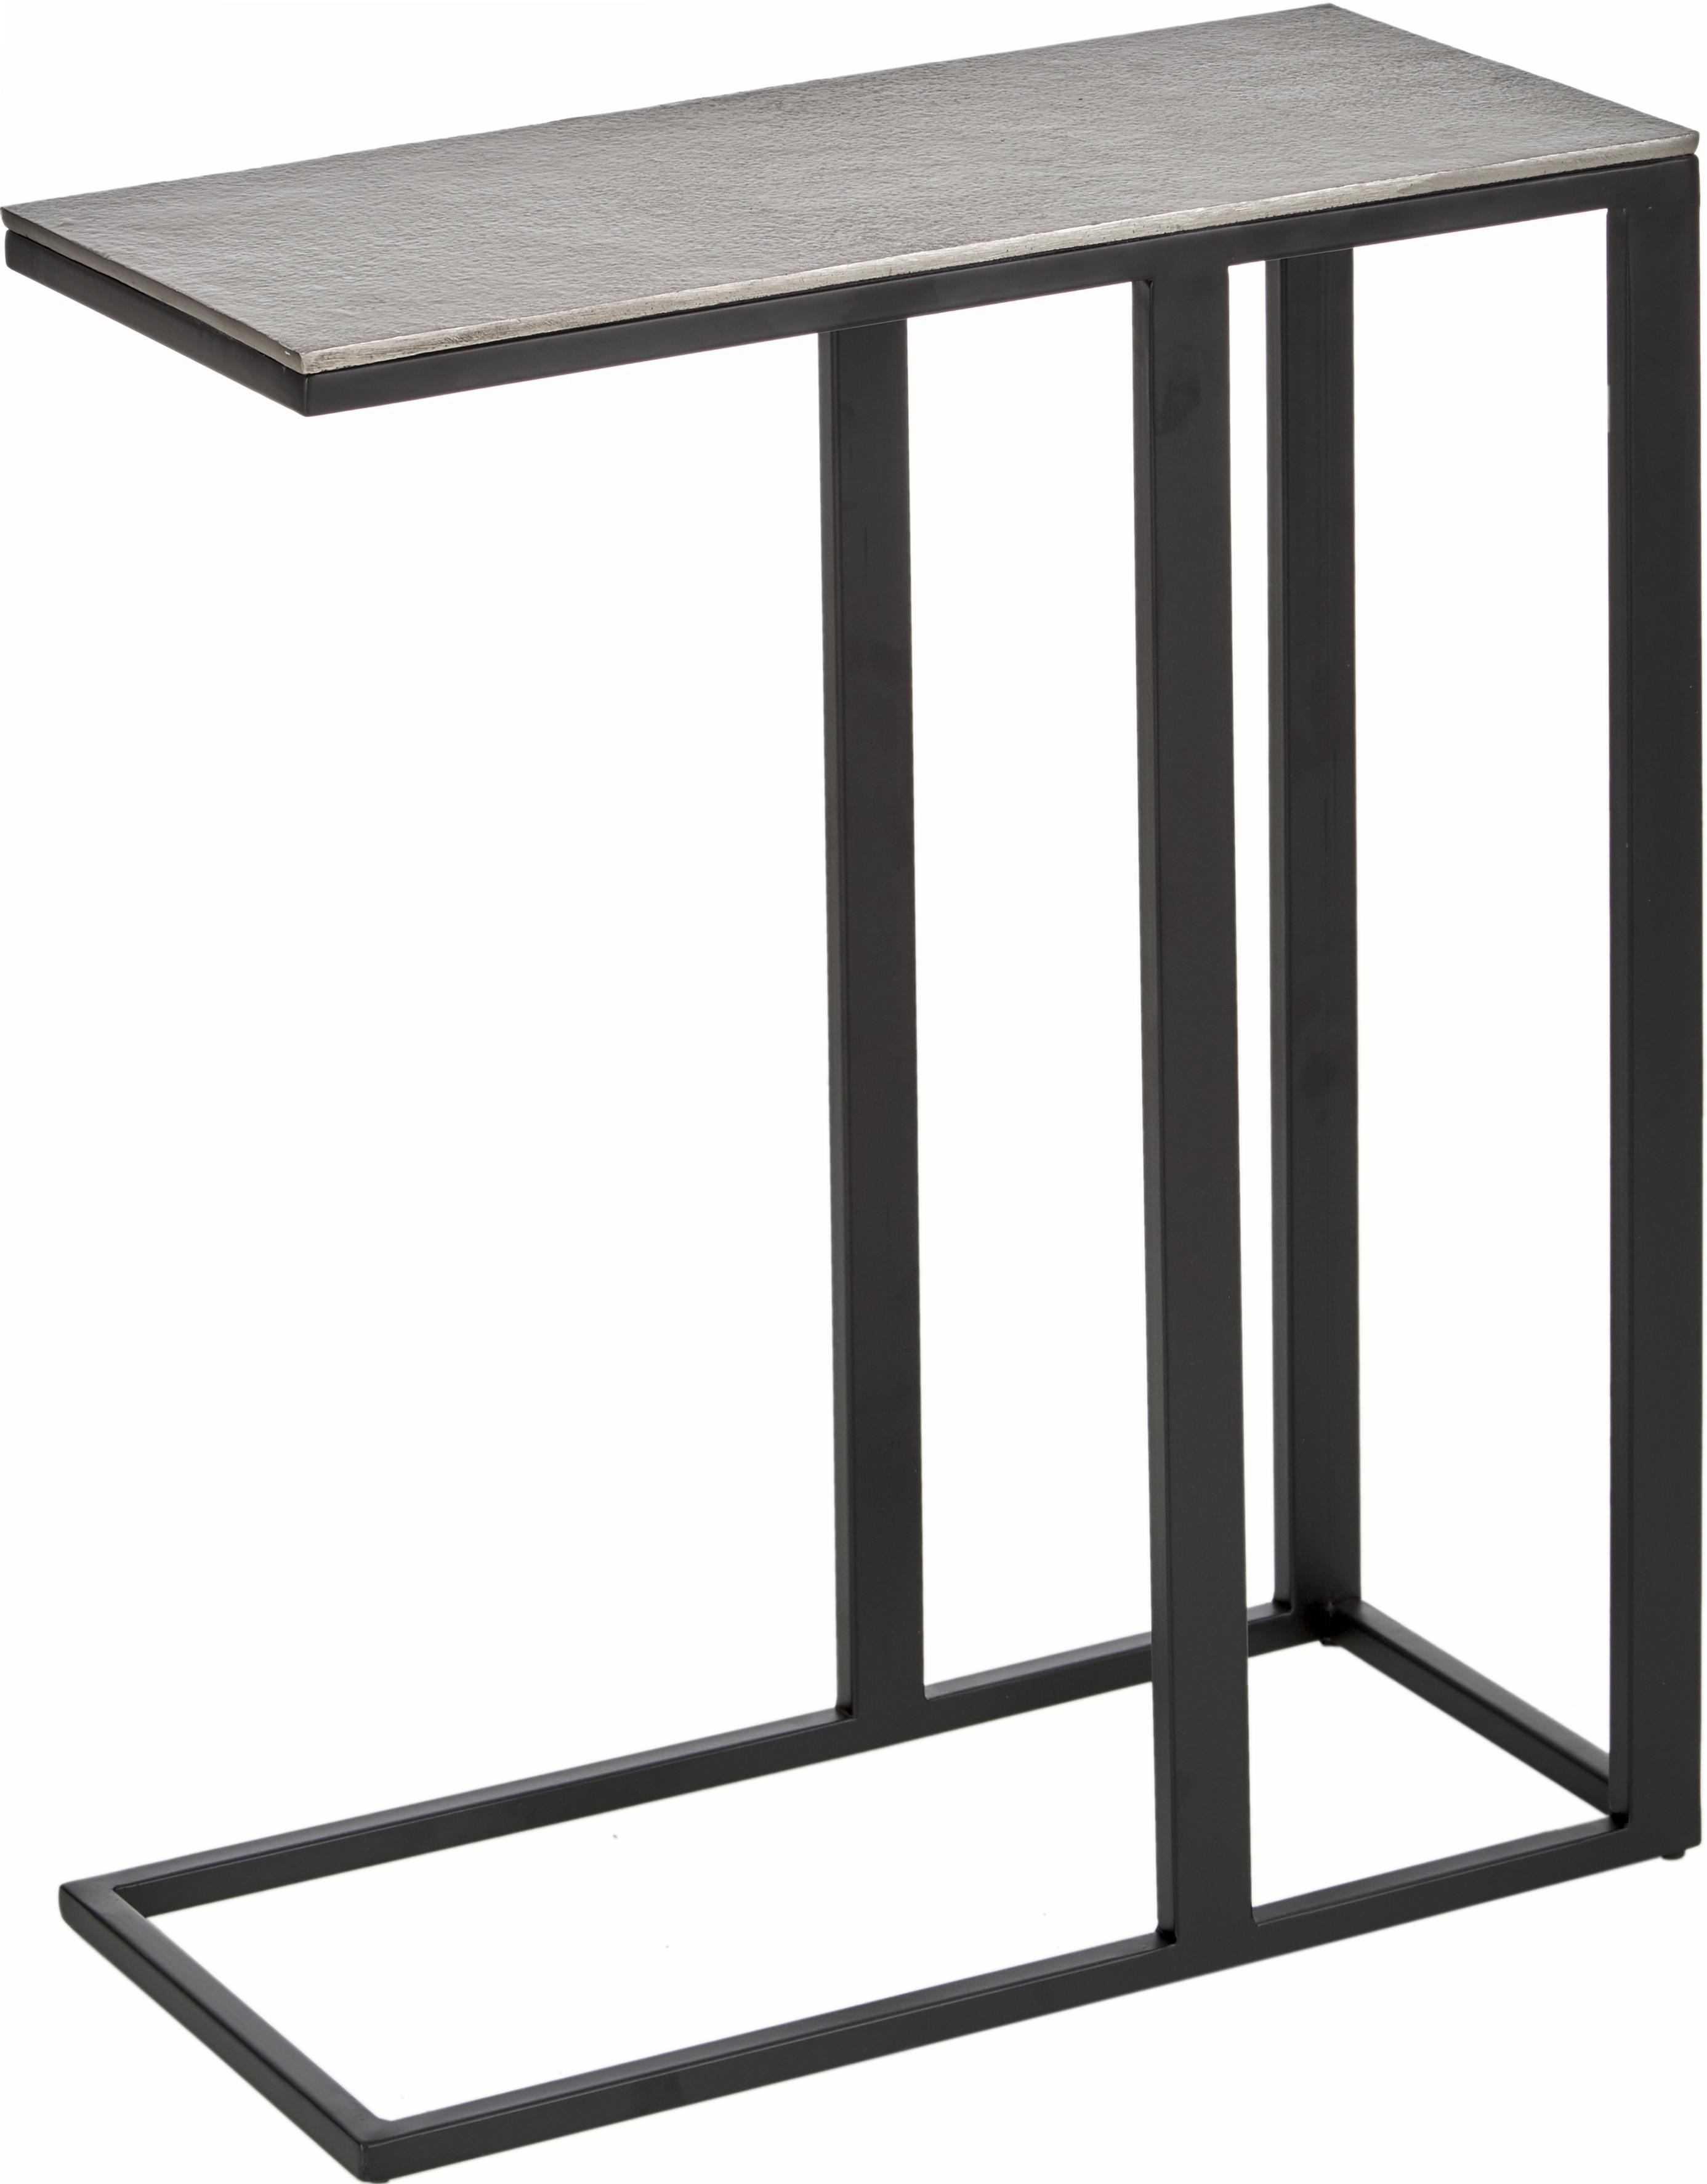 Mesa auxiliar Edge, estilo industrial, Tablero: metal recubierto, Estructura: metal con pintura en polv, Tablero: plateado con efecto envejecido Estructura: negro mate, An 43 x Al 52 cm